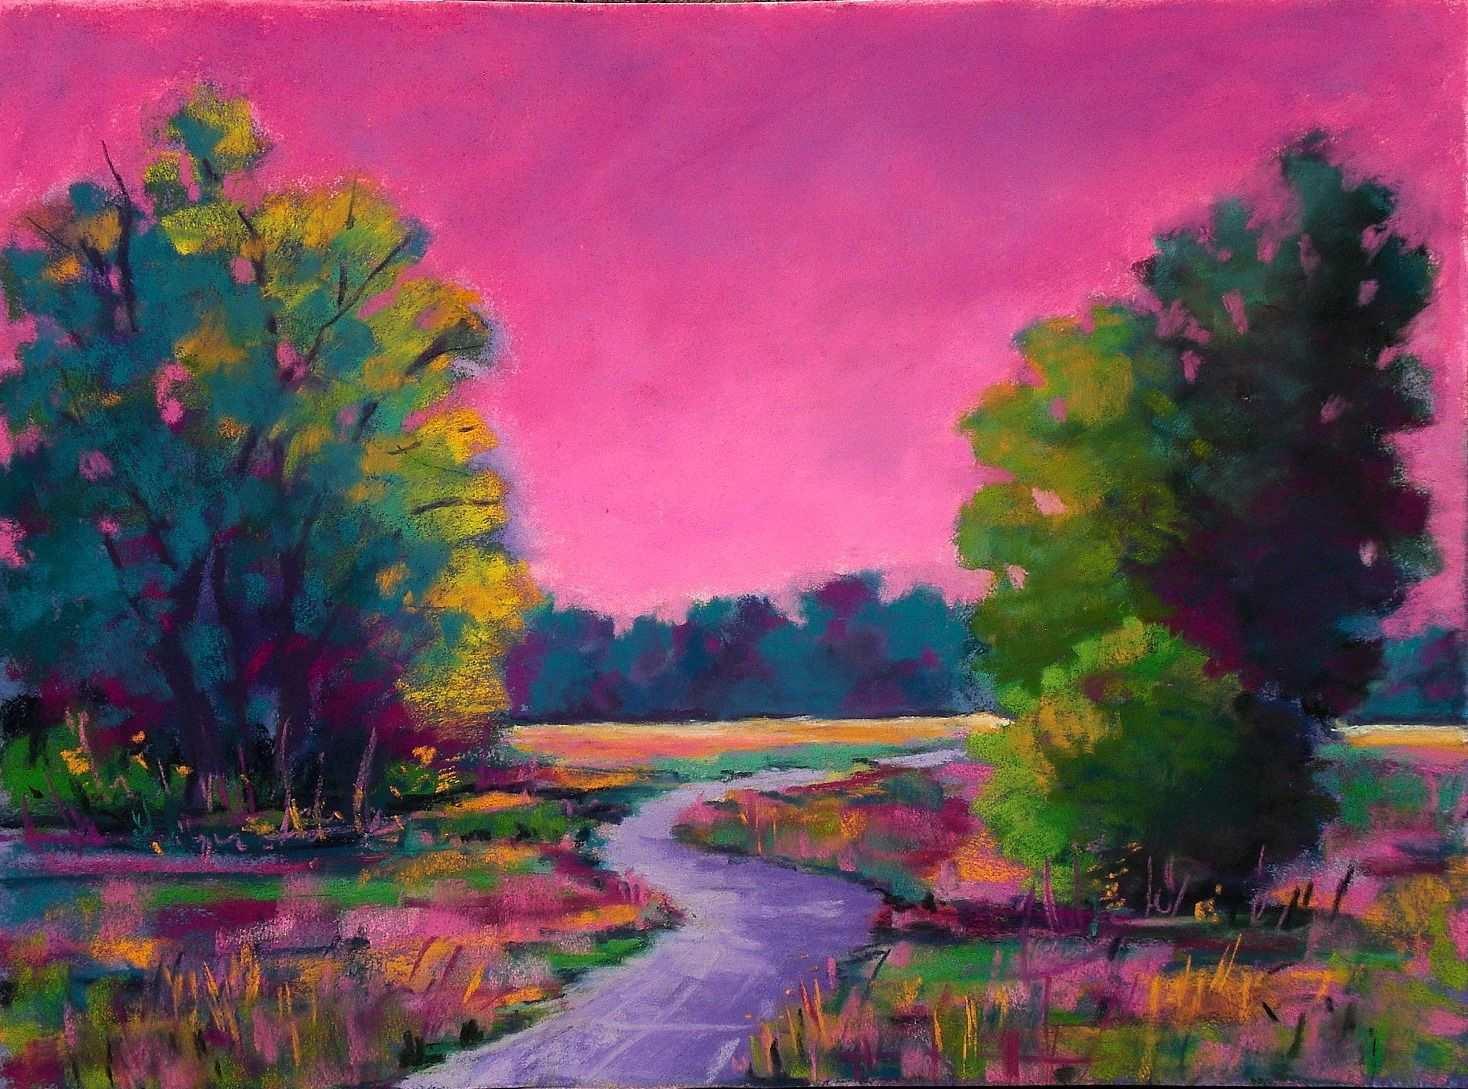 Mit Den Soft Pastellkreiden Male Ich Am Liebsten Stimmungsvolle Landschaften Und Wolkenformationen Es Ist Immer Ein Pastell Kreide Pastell Pastellkreide Kunst